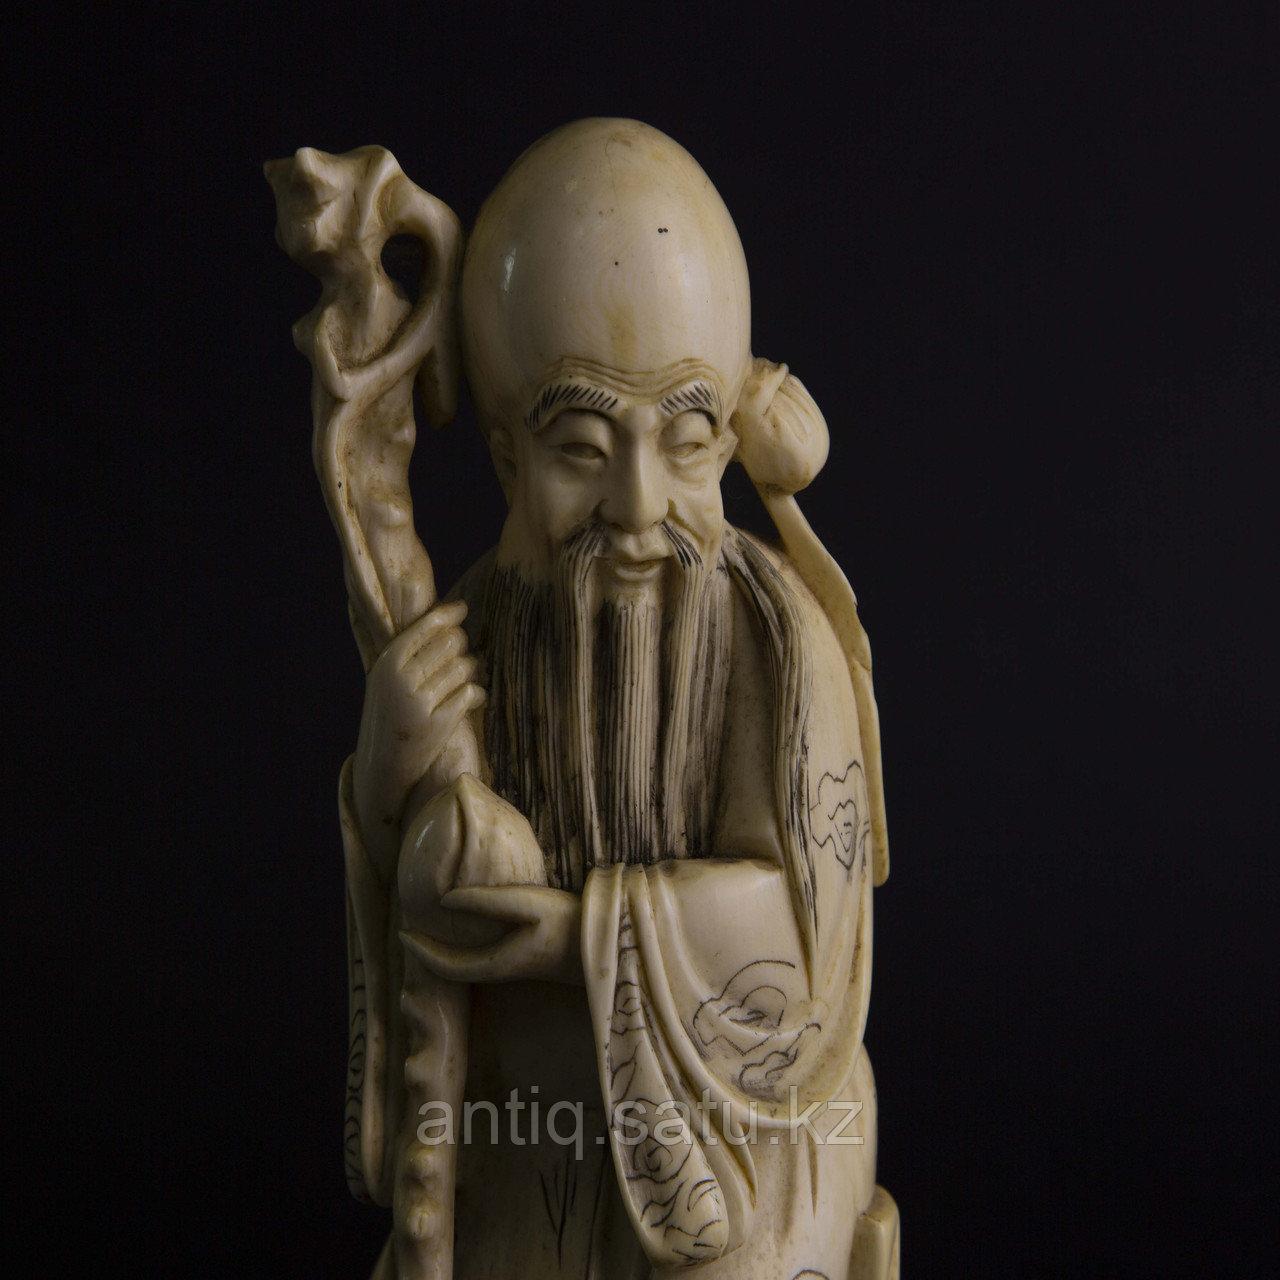 Окимоно Шоу-син (Шу, Сау) один из трех звездный старцев. Бог долголетие. - фото 7